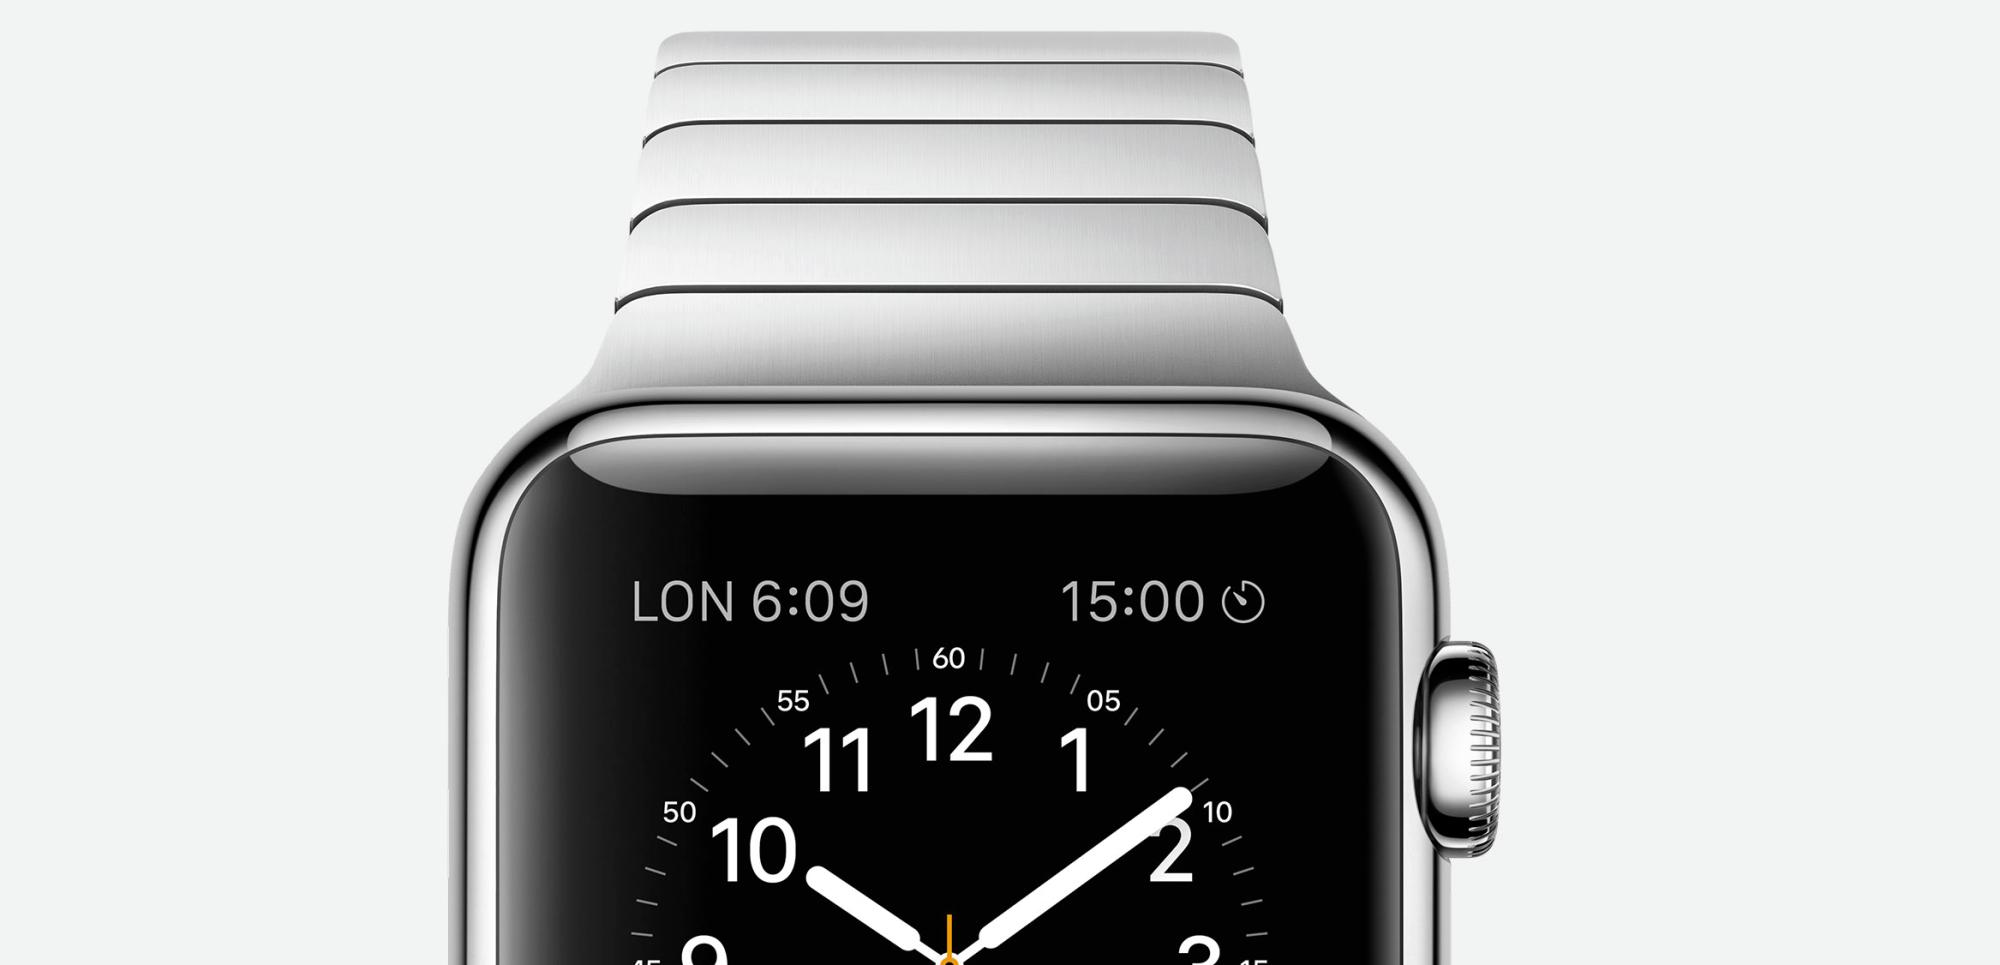 Apple Watch поступят в продажу в апреле